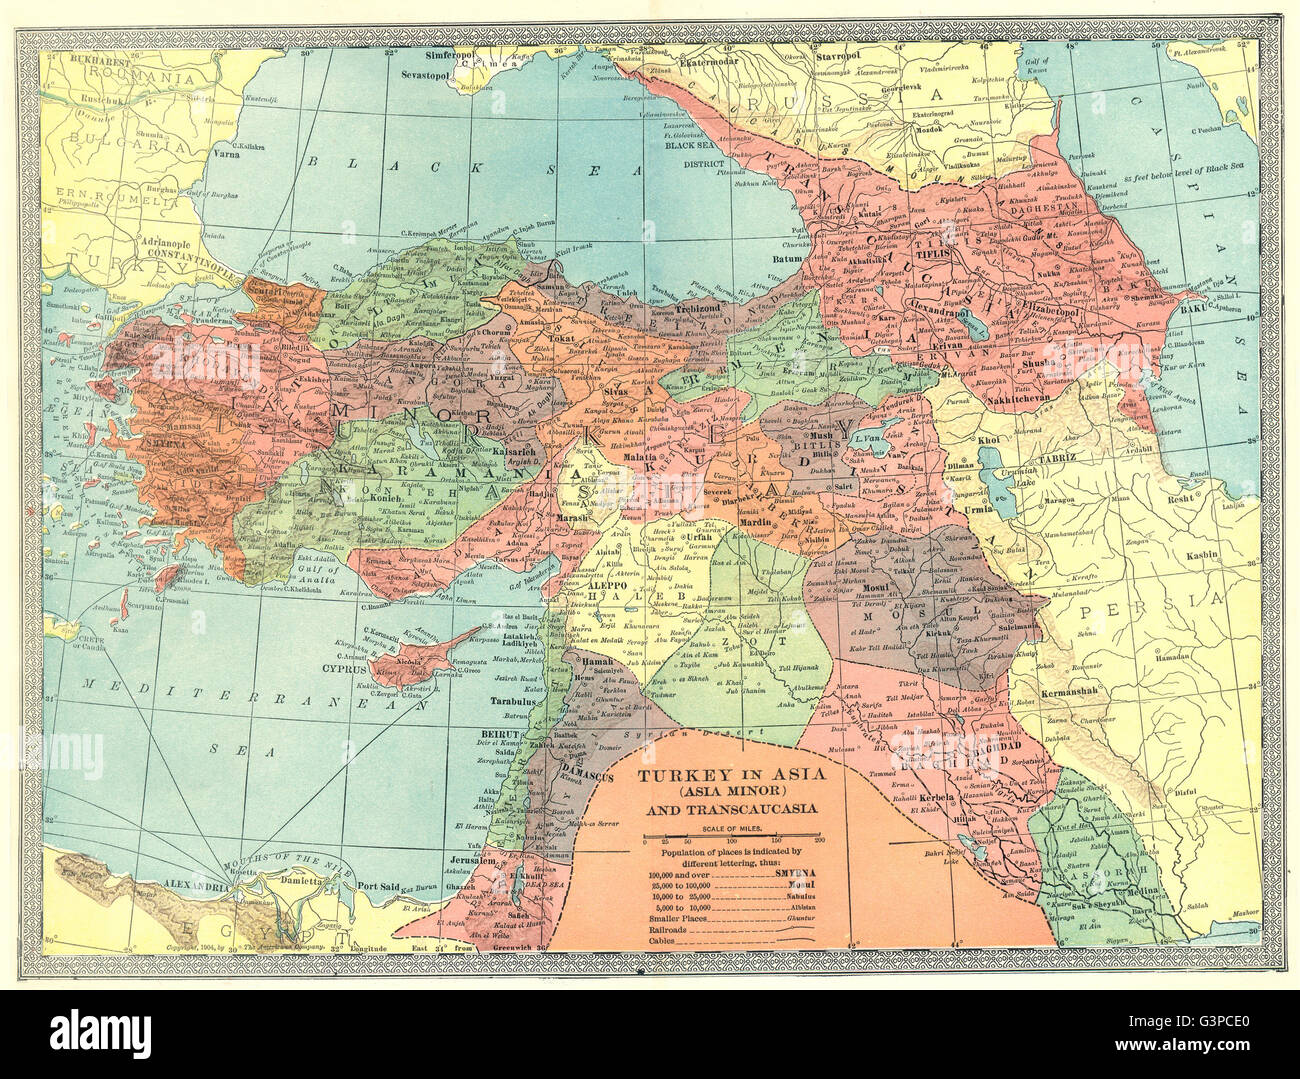 Karte Syrien Irak.Turkei In Asien Transkaukasien Levant Georgien Syrien Irak